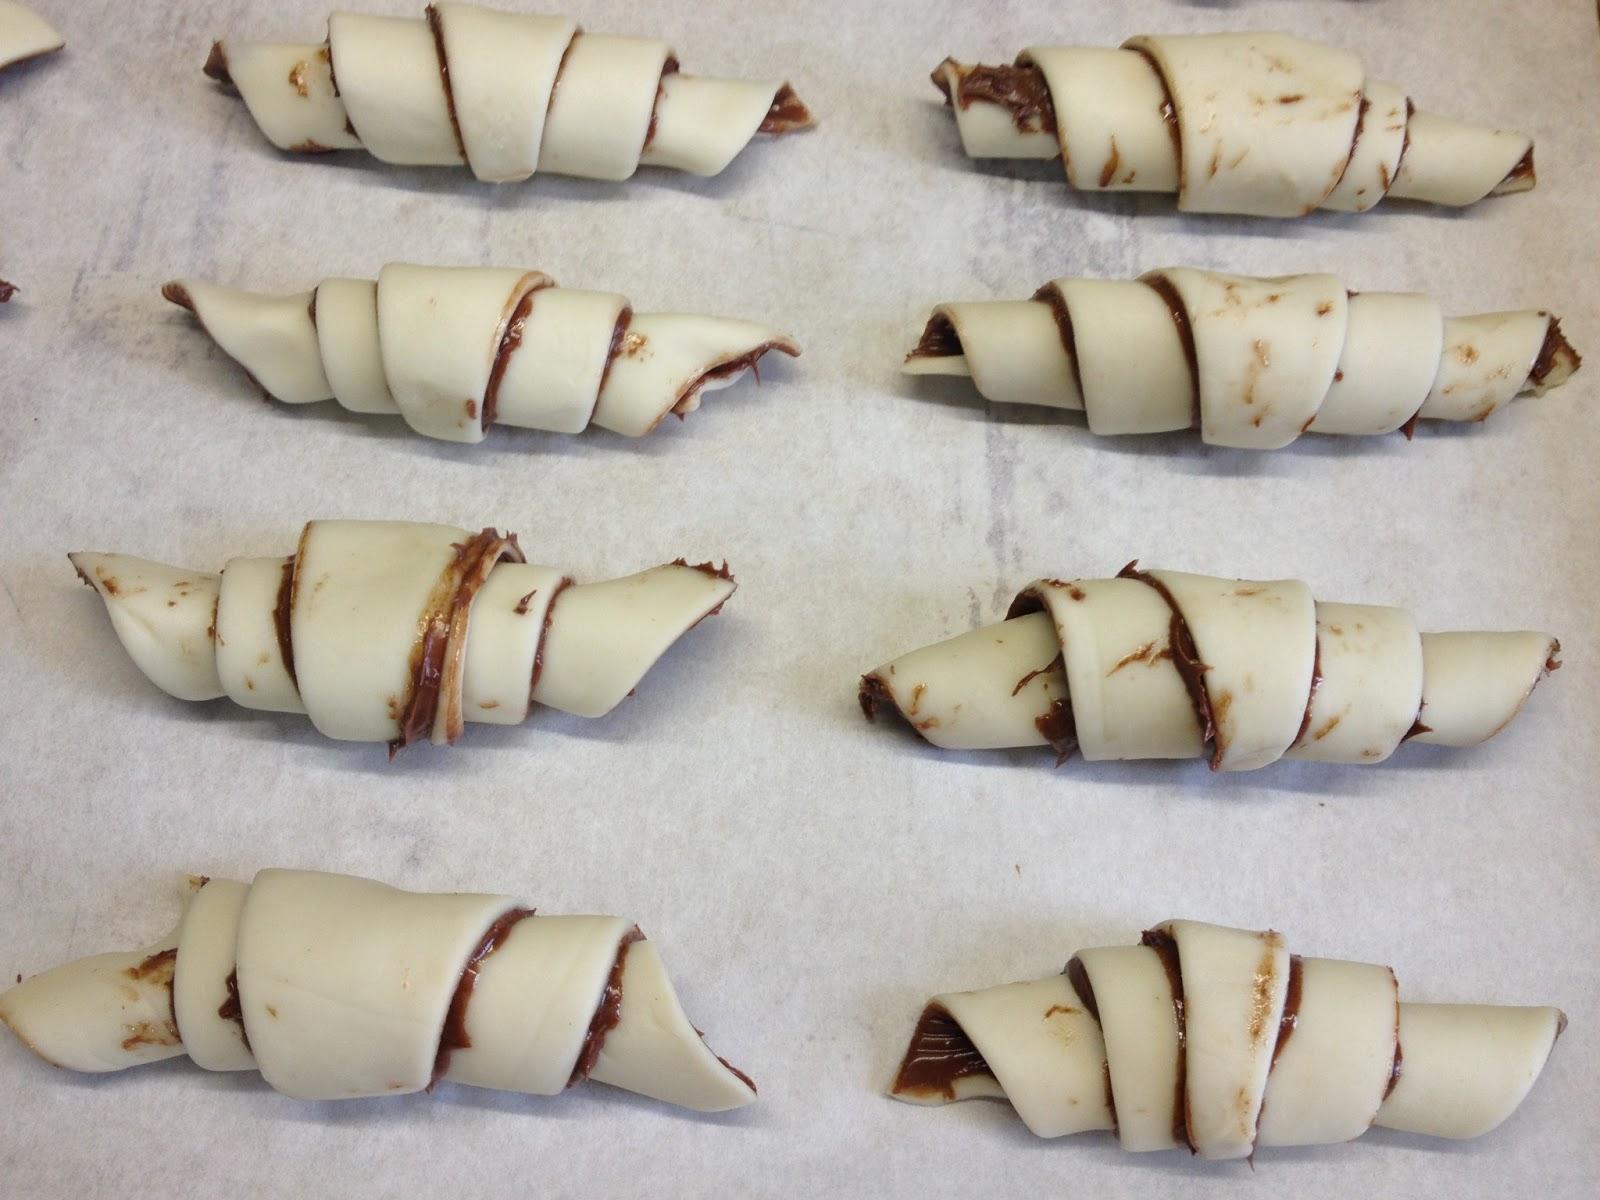 Bien-aimé architettando in cucina: Cornetti di pasta sfoglia alla Nutella KZ57